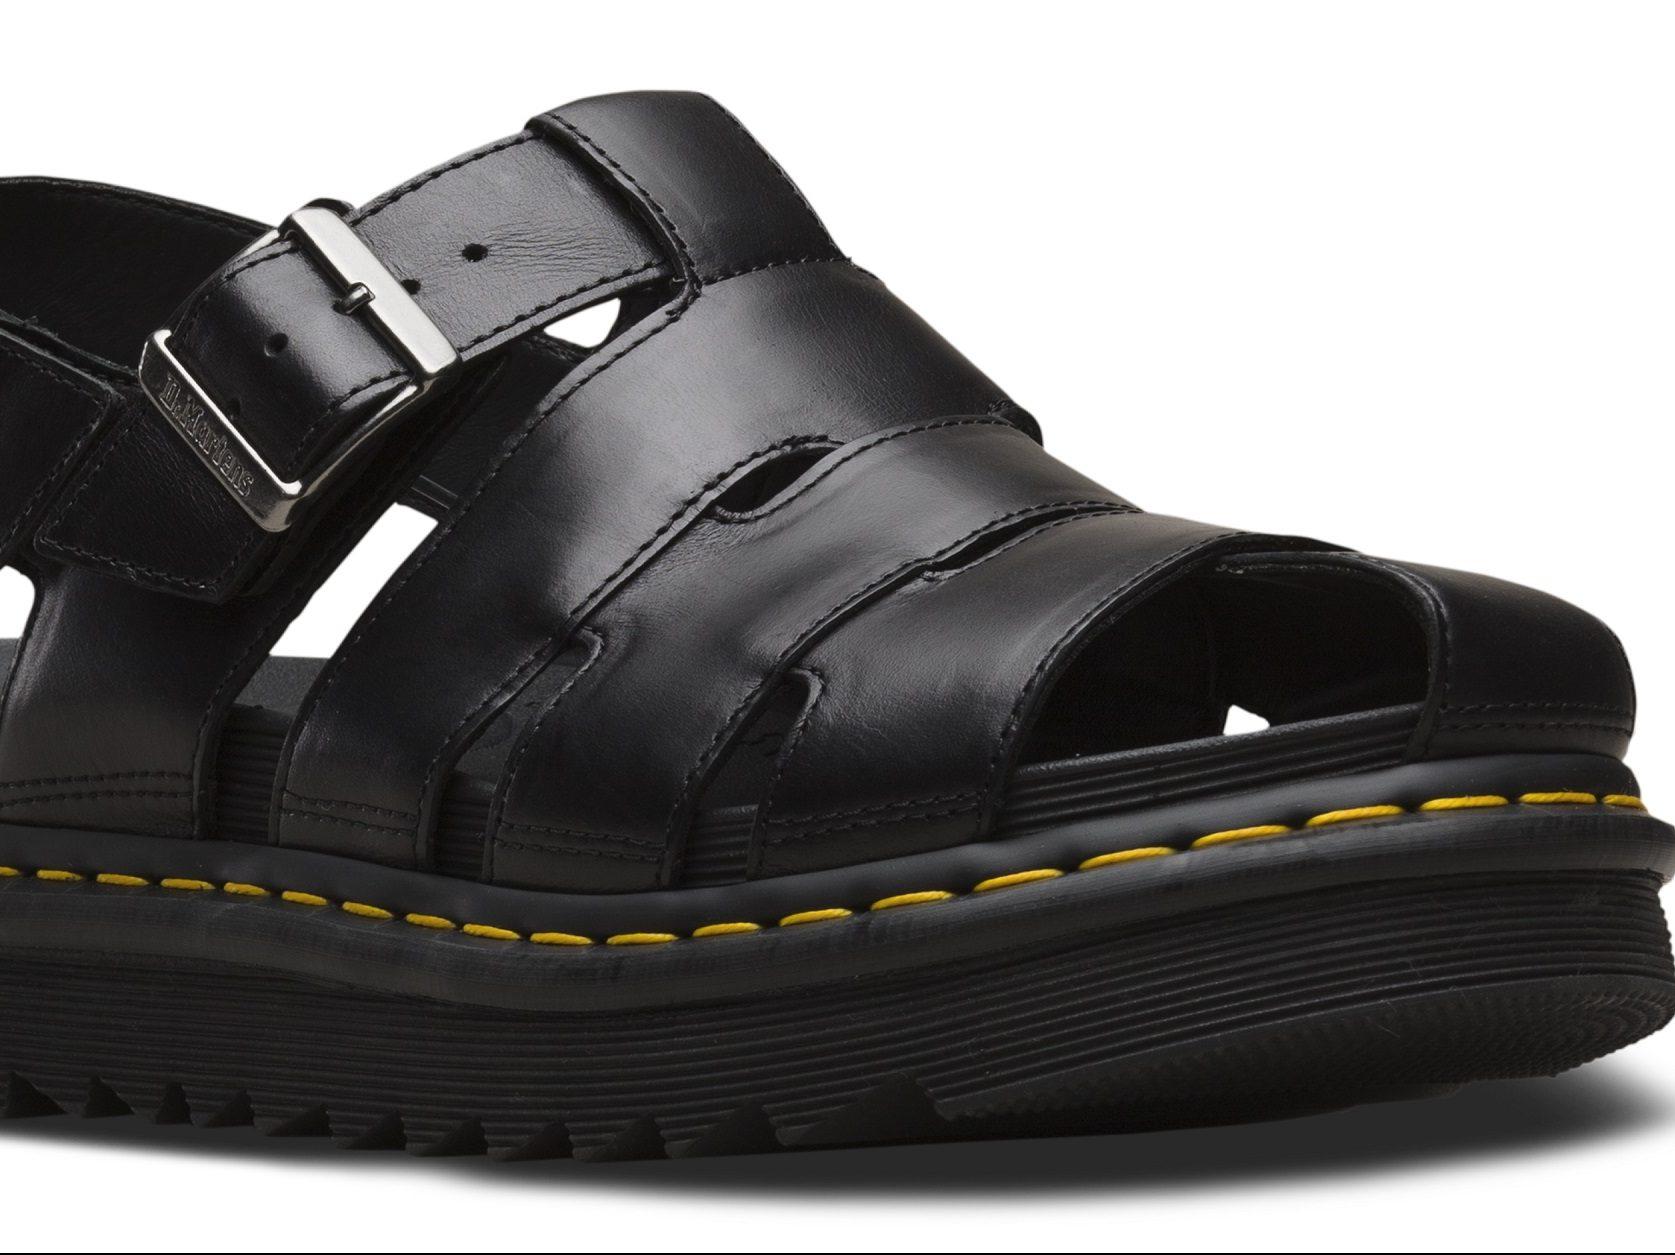 PITTI UOMO 2. I nuovi sandali Dr. Martens nella